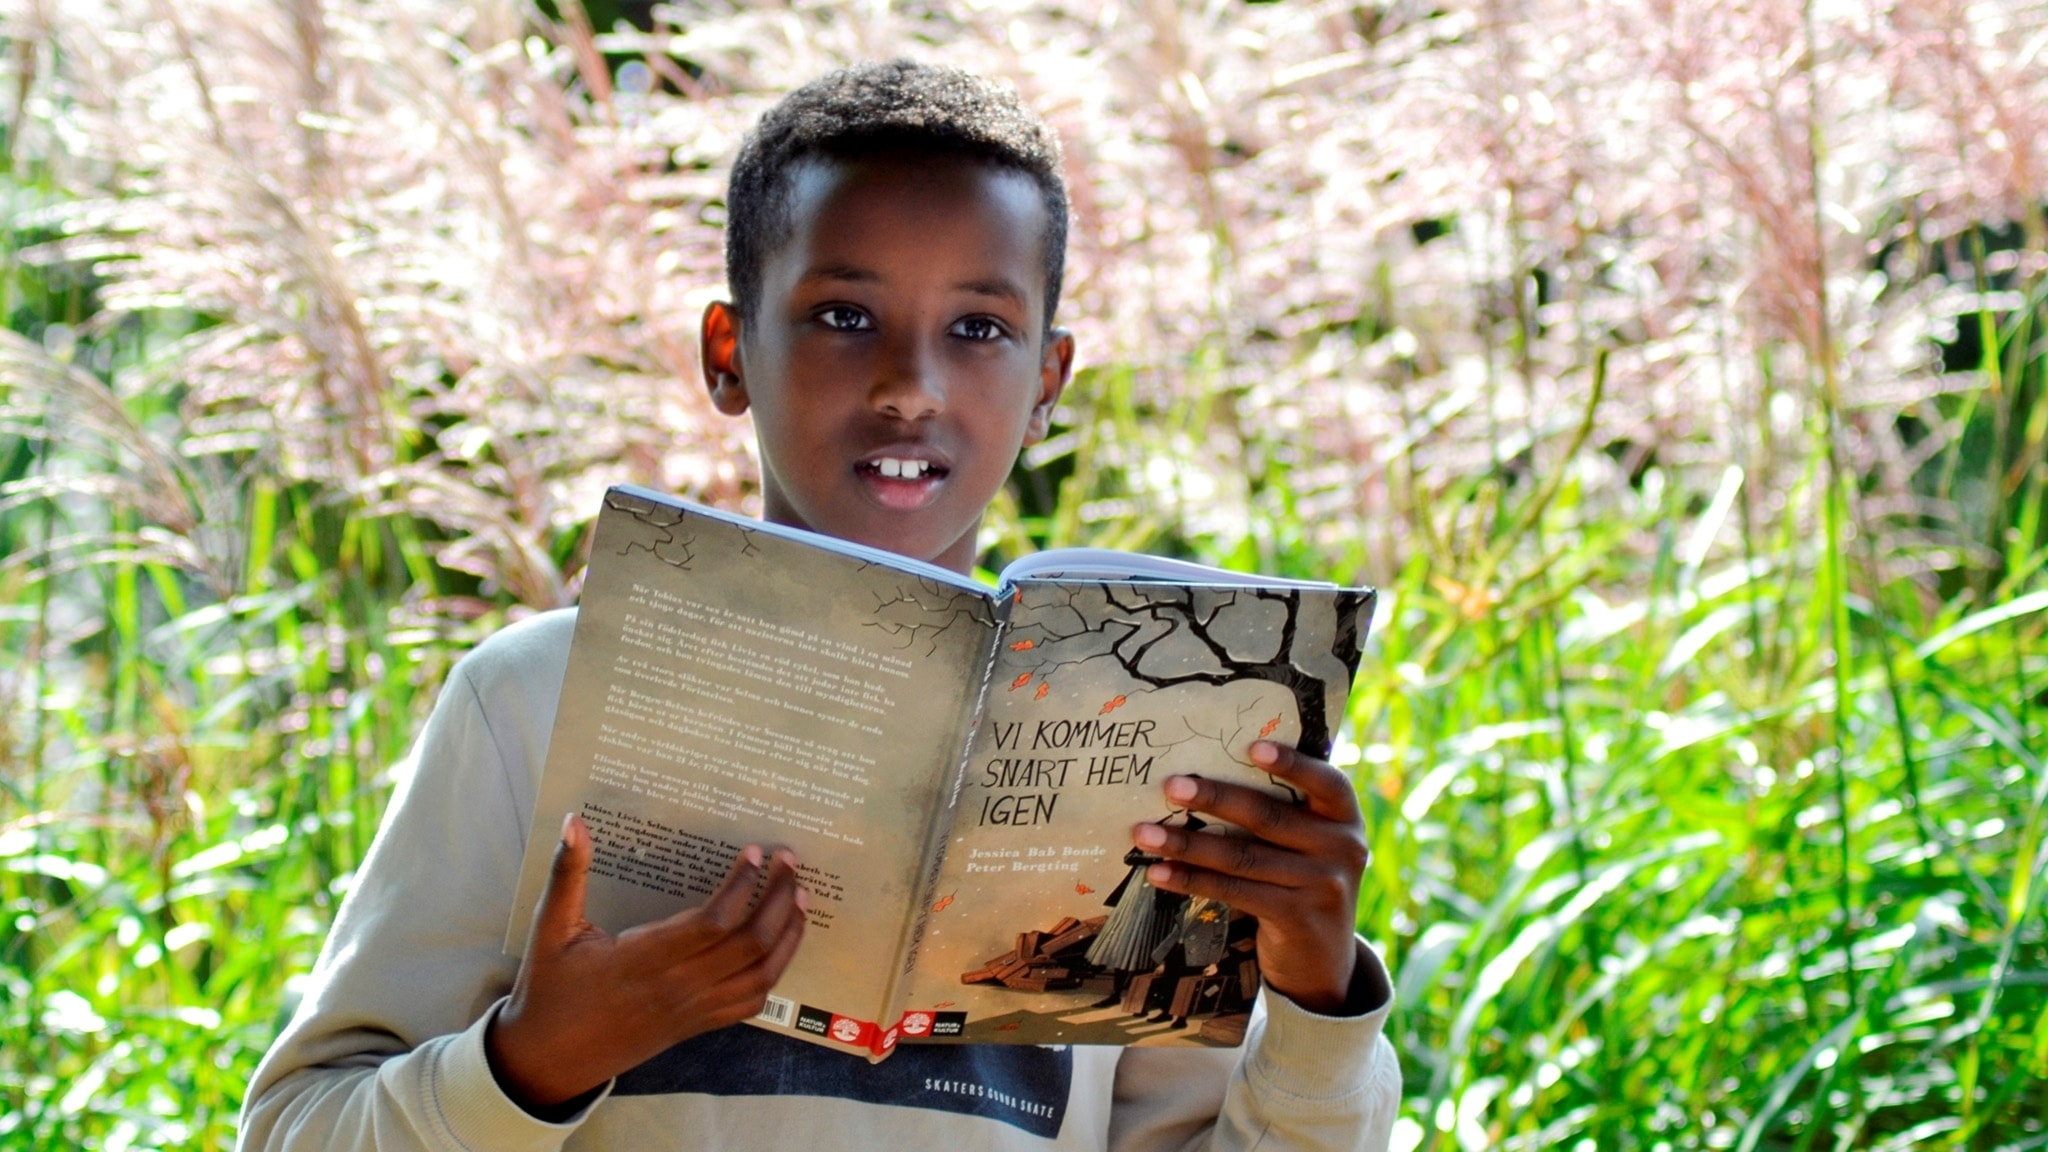 Barnradions bokpris: Shuaib Aden läser Vi kommer snart hem igen